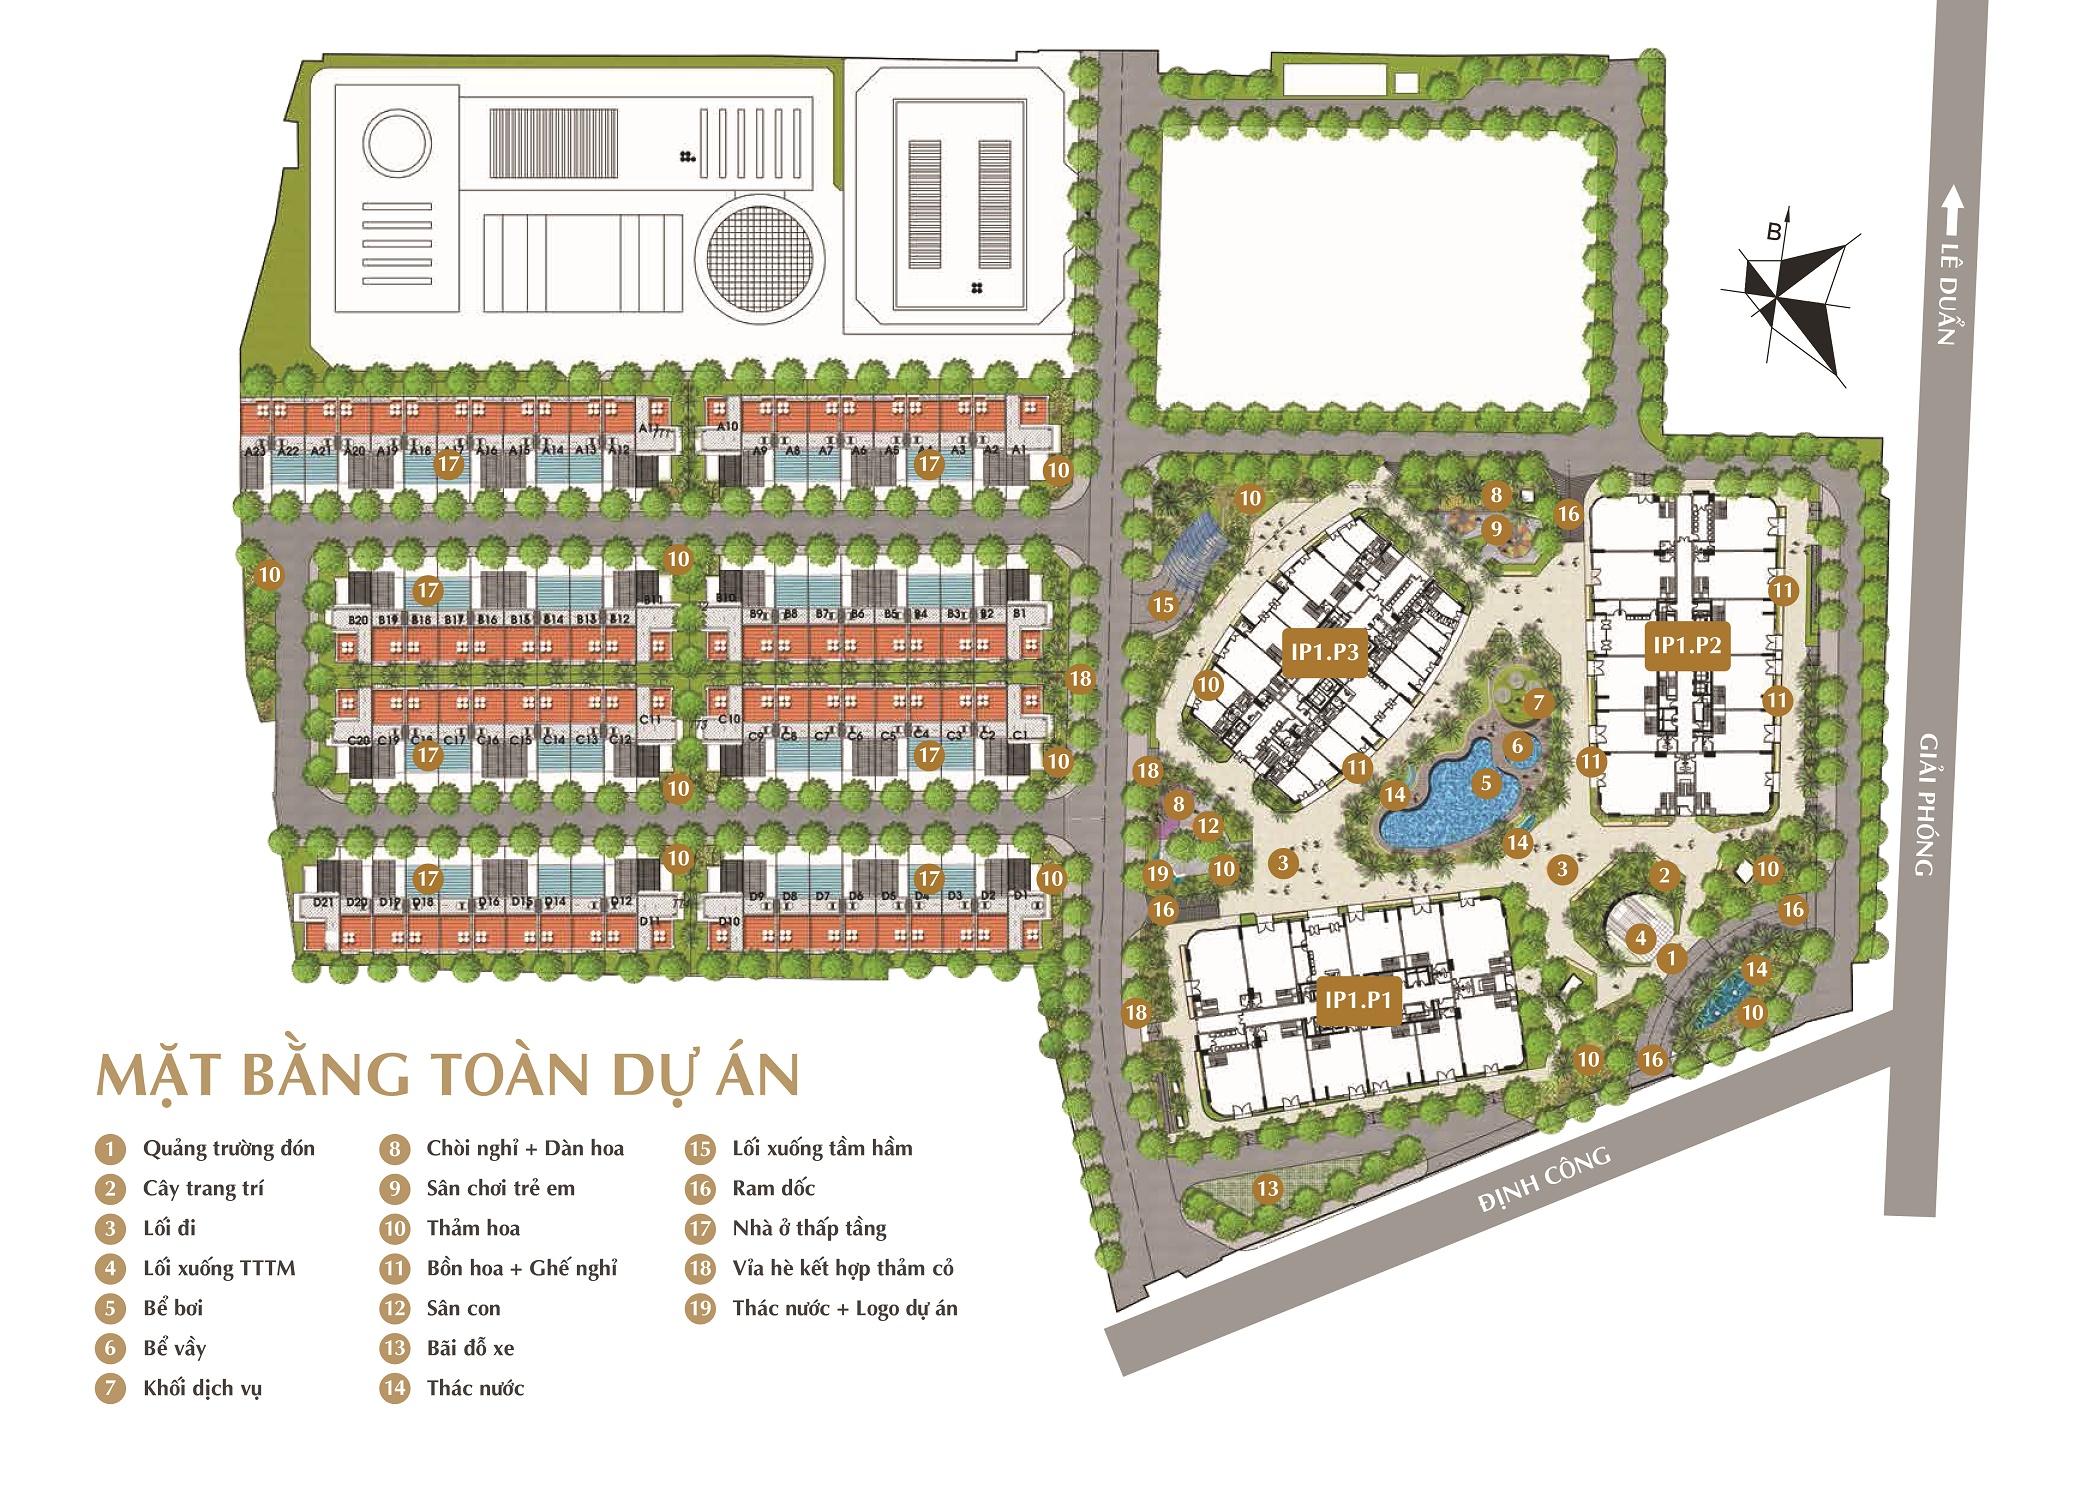 mặt bằng tổng thể chung cư imperial plaza